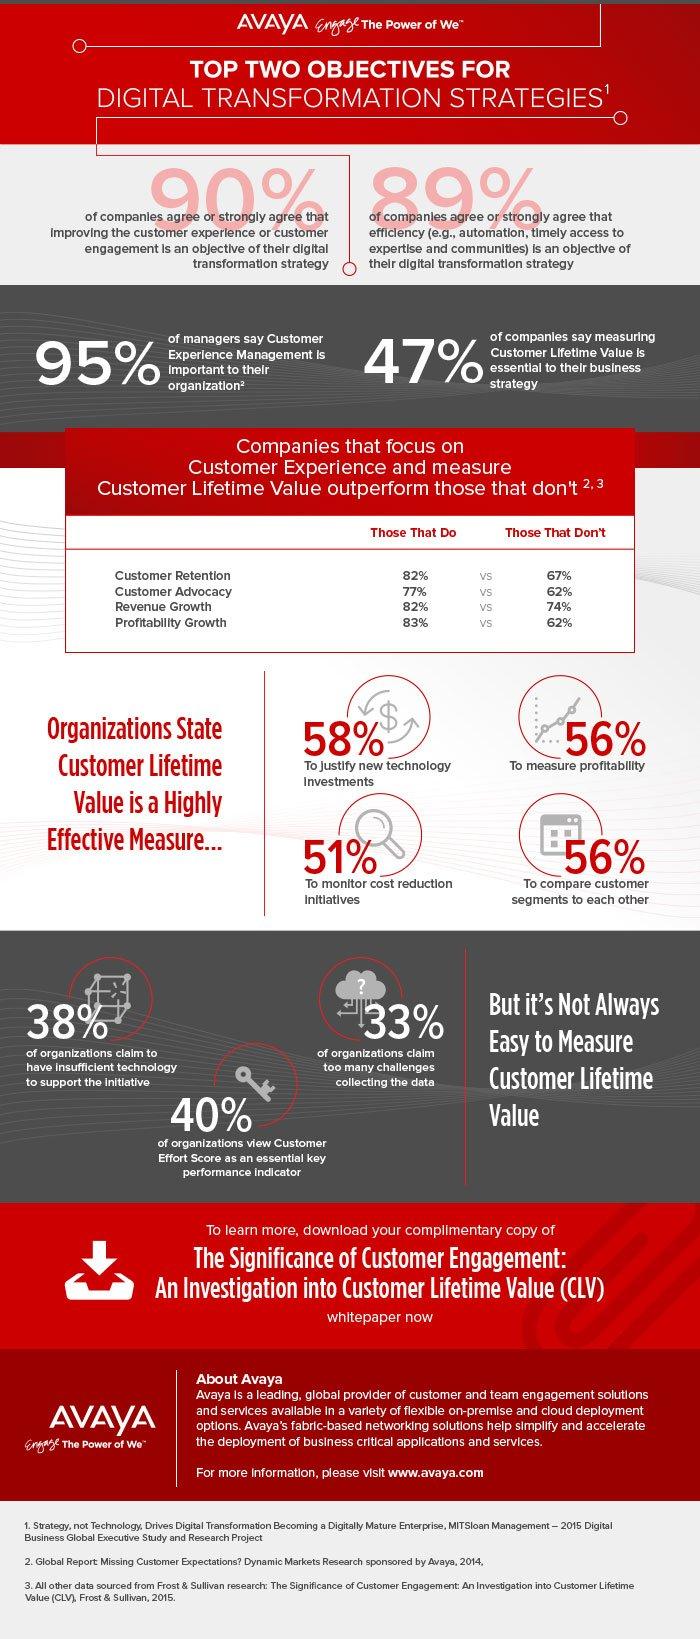 Infografía de Avaya sobre el Valor de vida del cliente (customer engagement)